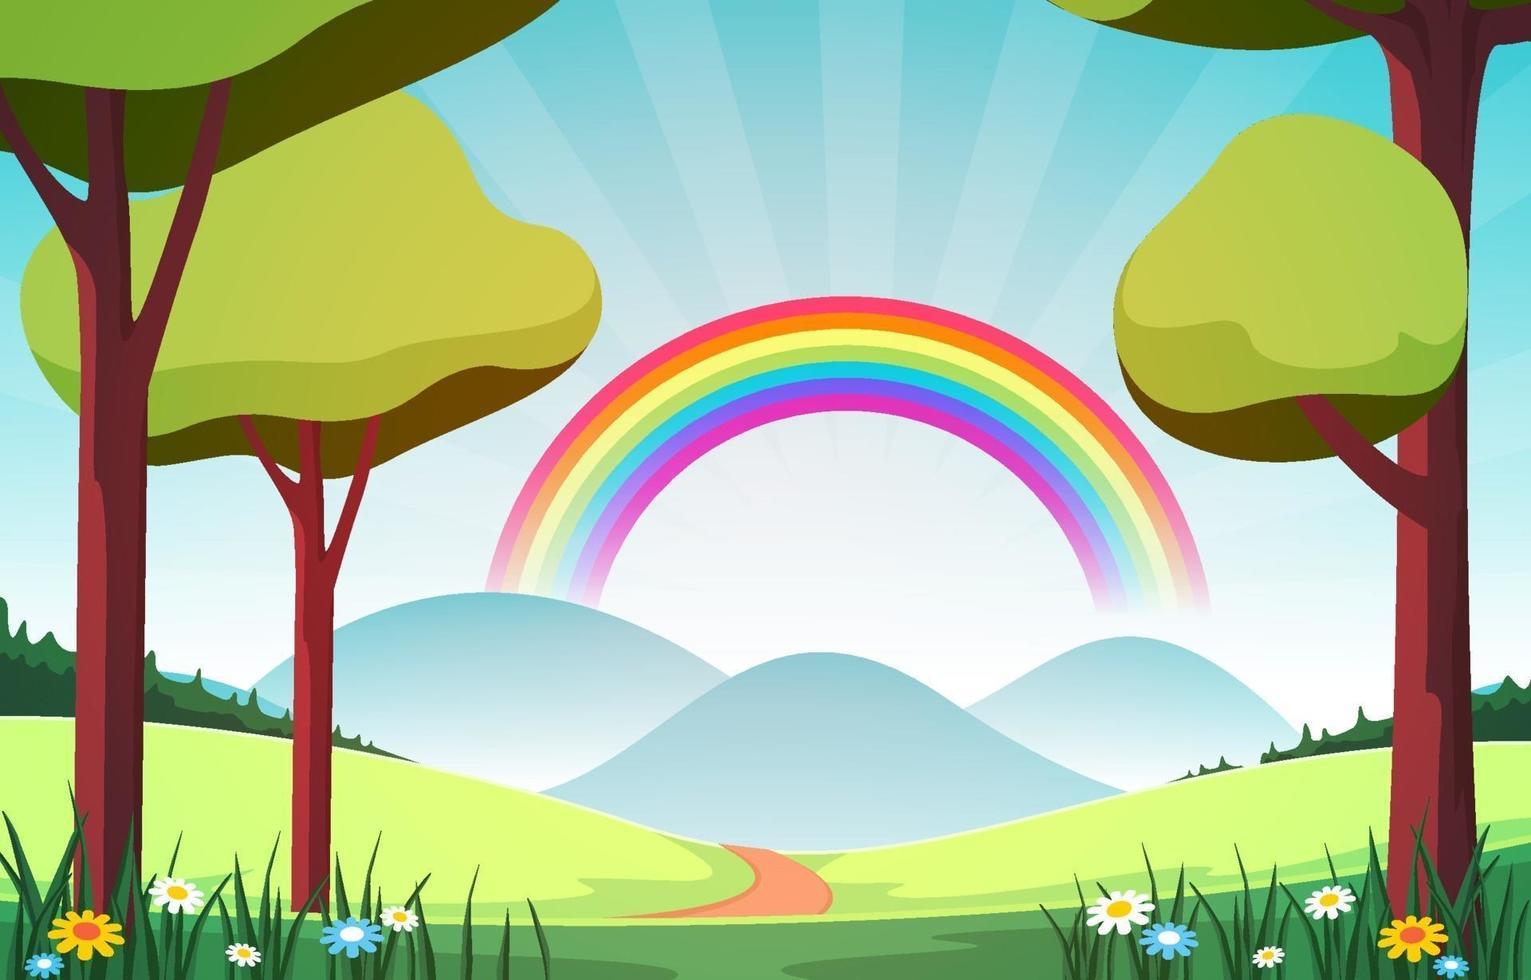 lindo arco-íris no verão natureza paisagem paisagem ilustração vetor